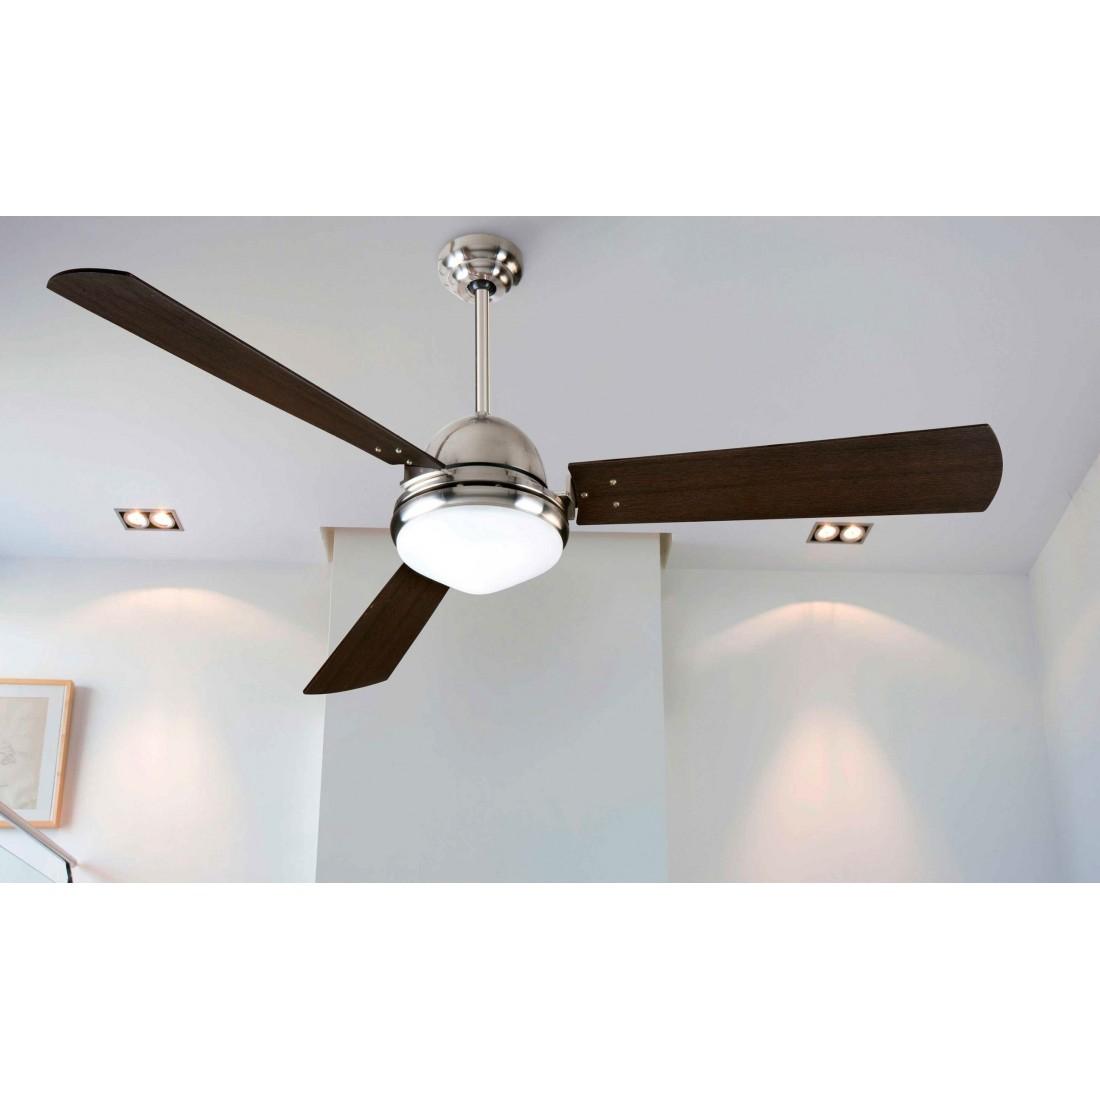 Ventilador de techo con luz y mando ai29 for Ventiladores de techo com